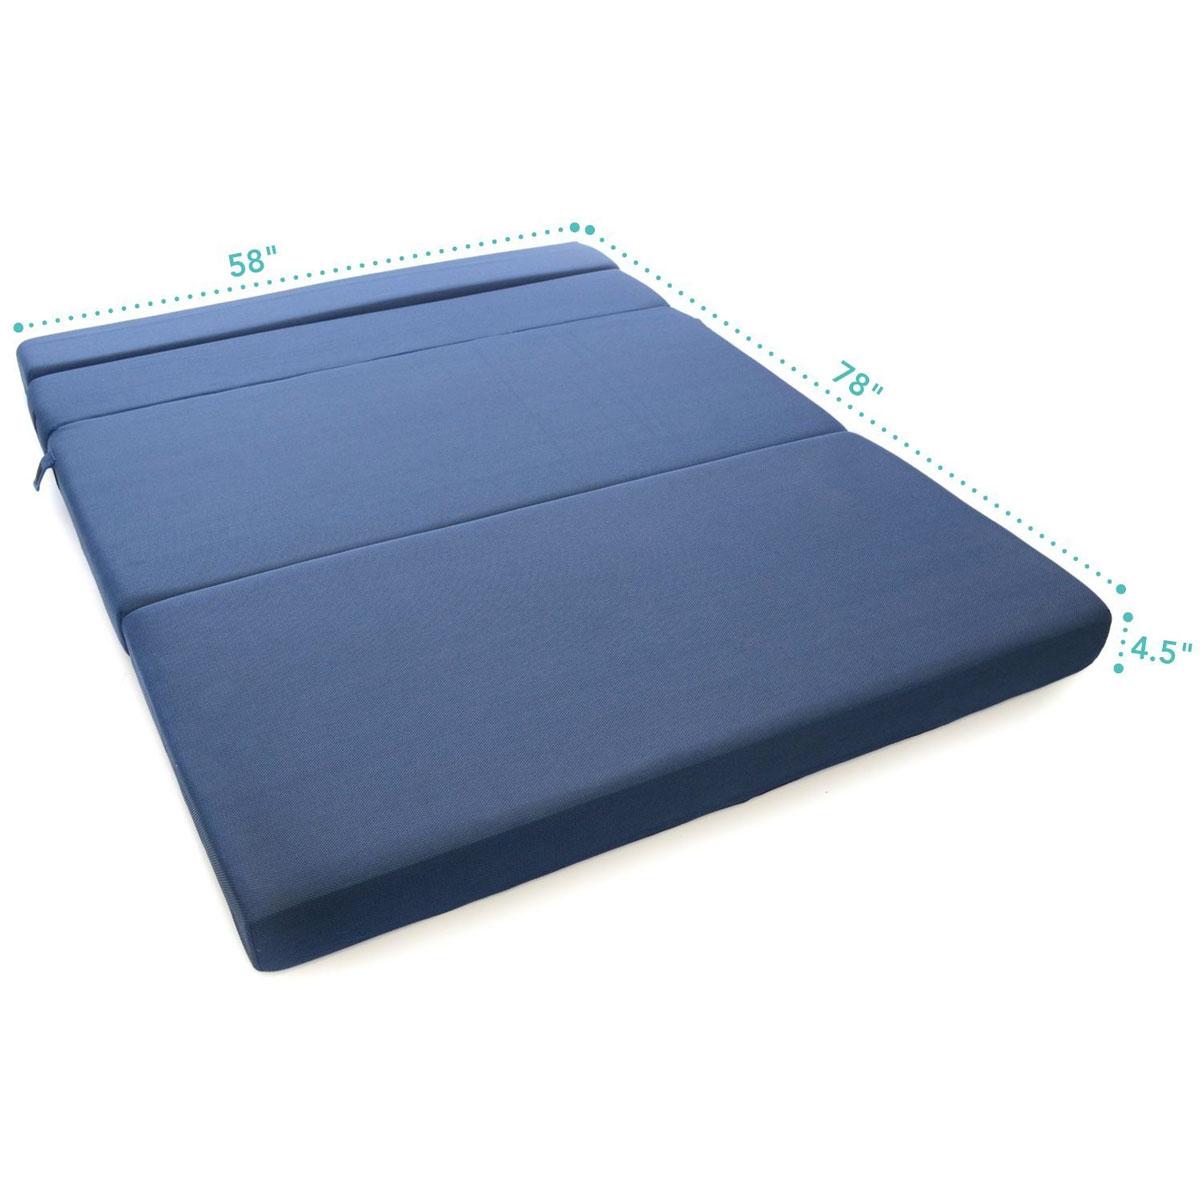 ... tri-fold foam folding mattress u0026 sofa bed ... KNAXFFT